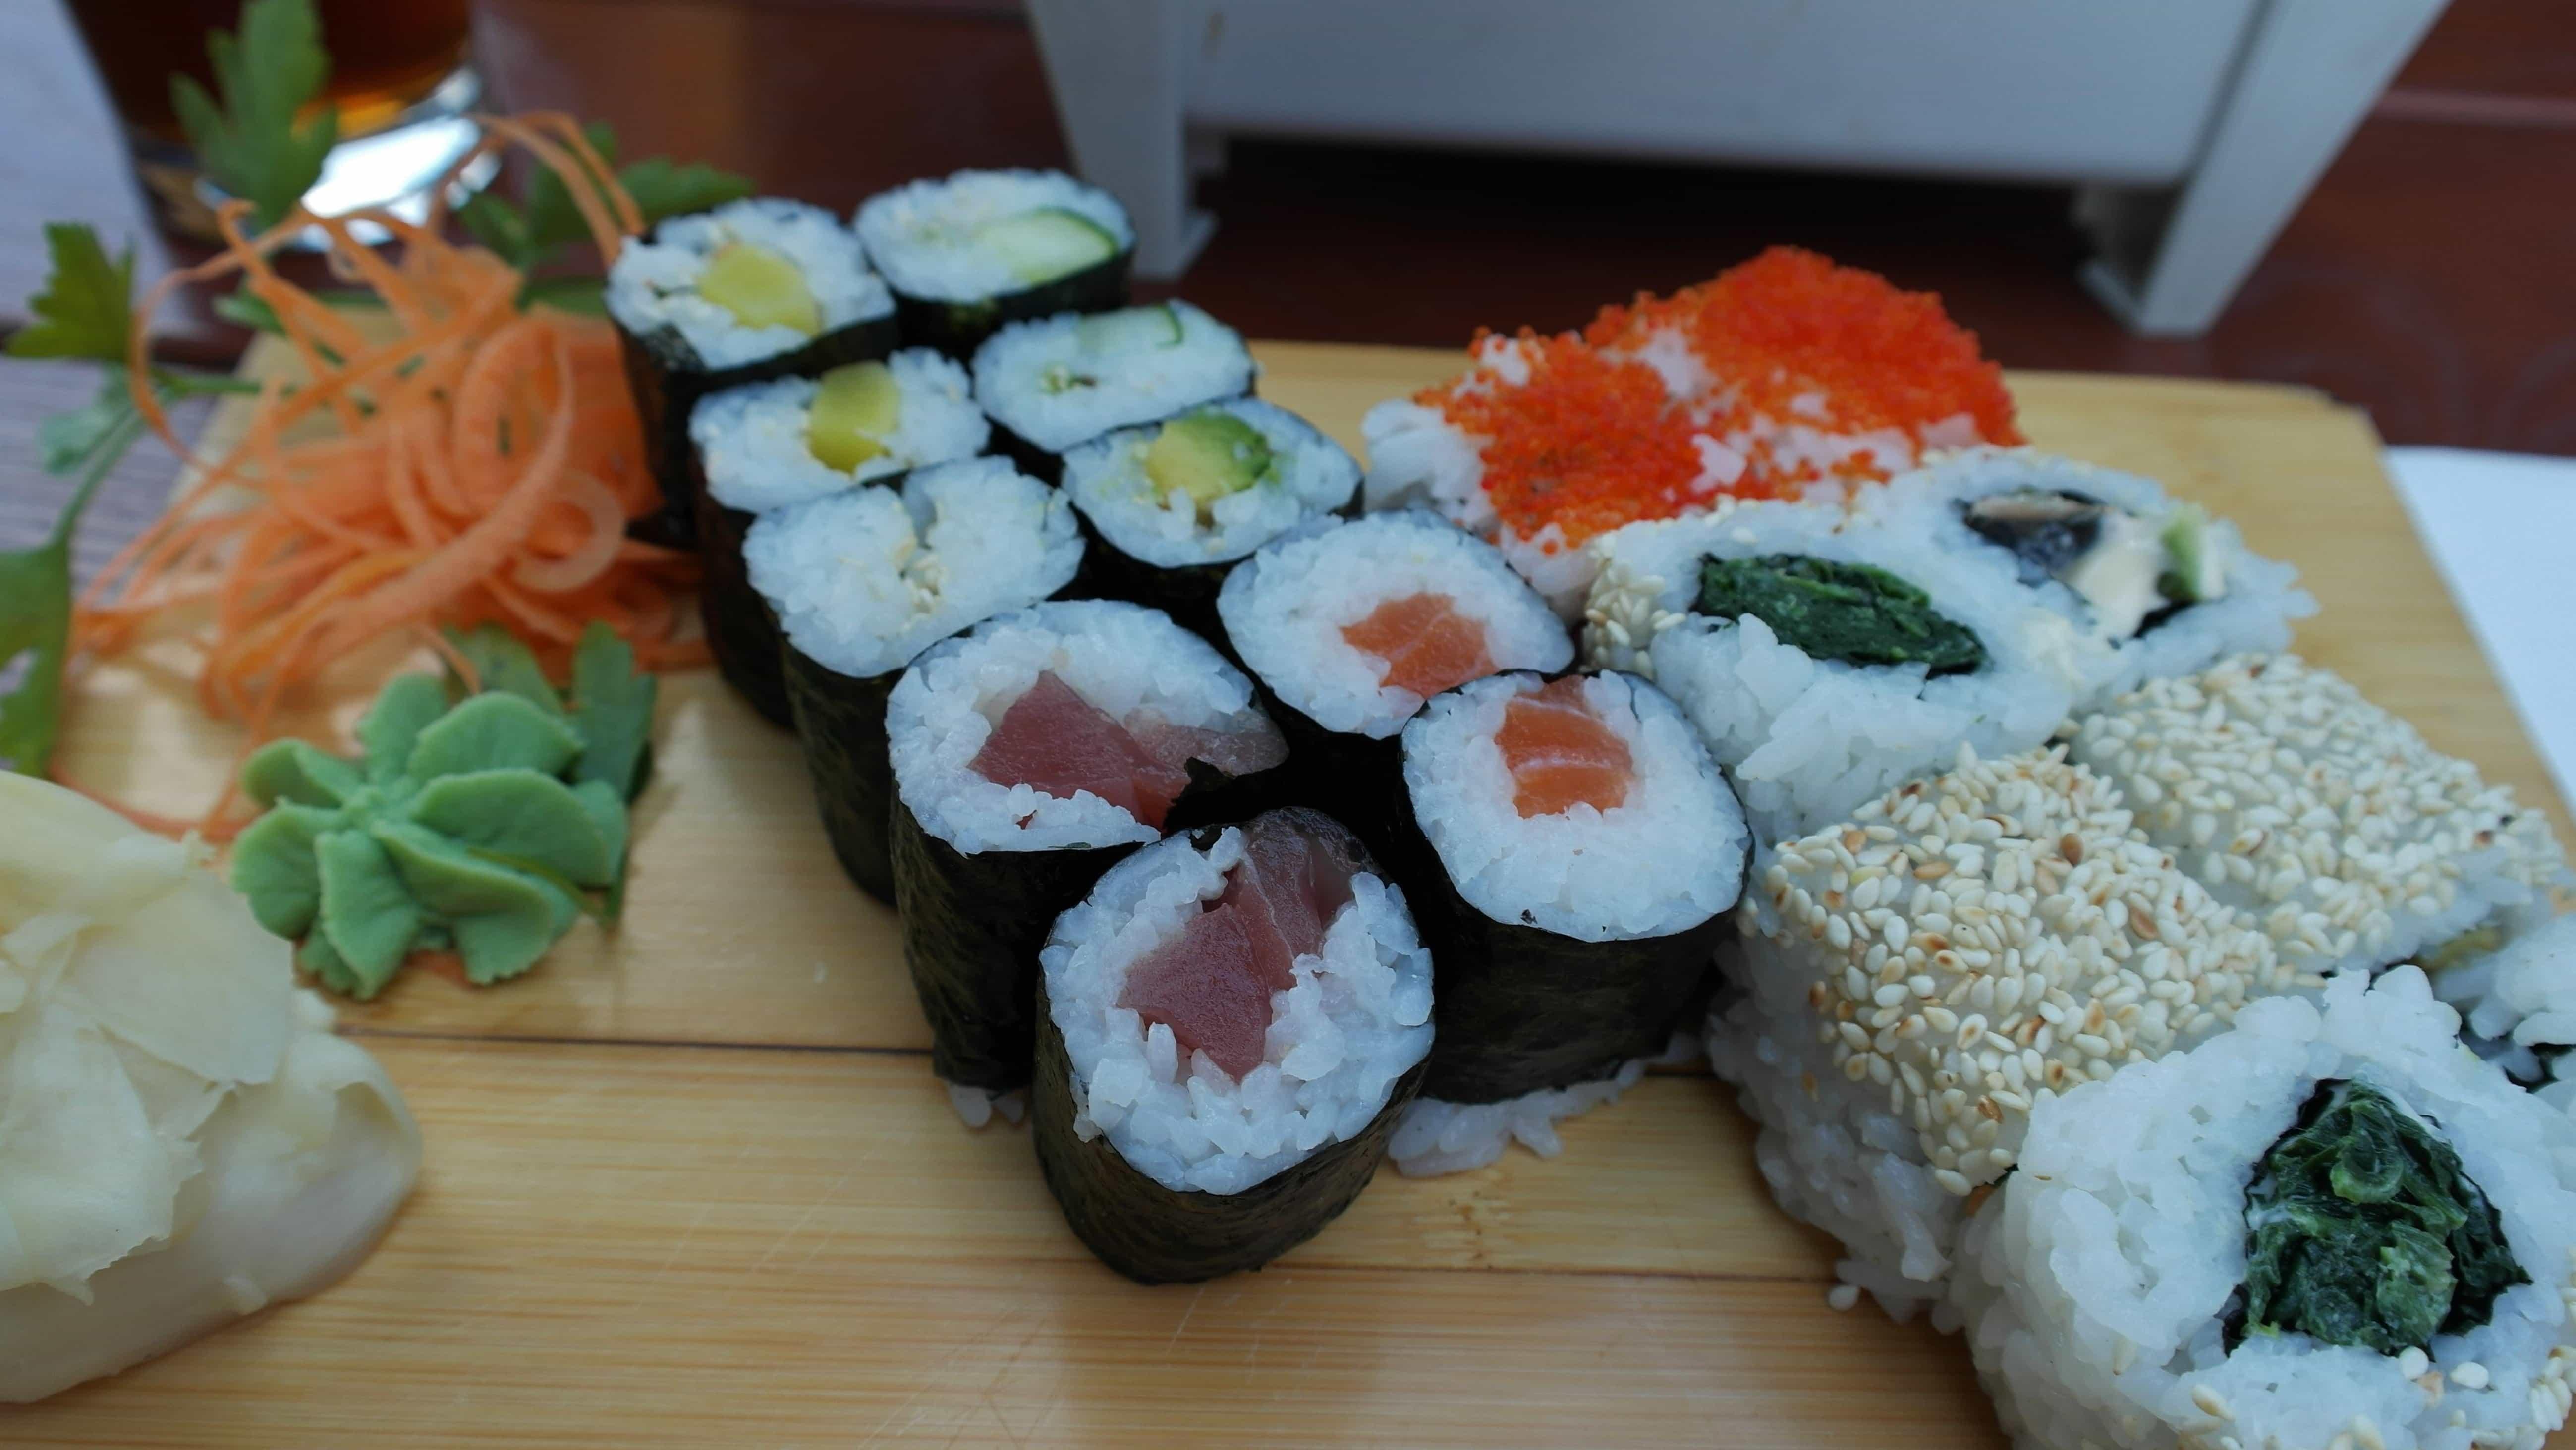 Kostenlose Bild: Essen, Kaviar, Küchentisch, Sushi, Reis ...